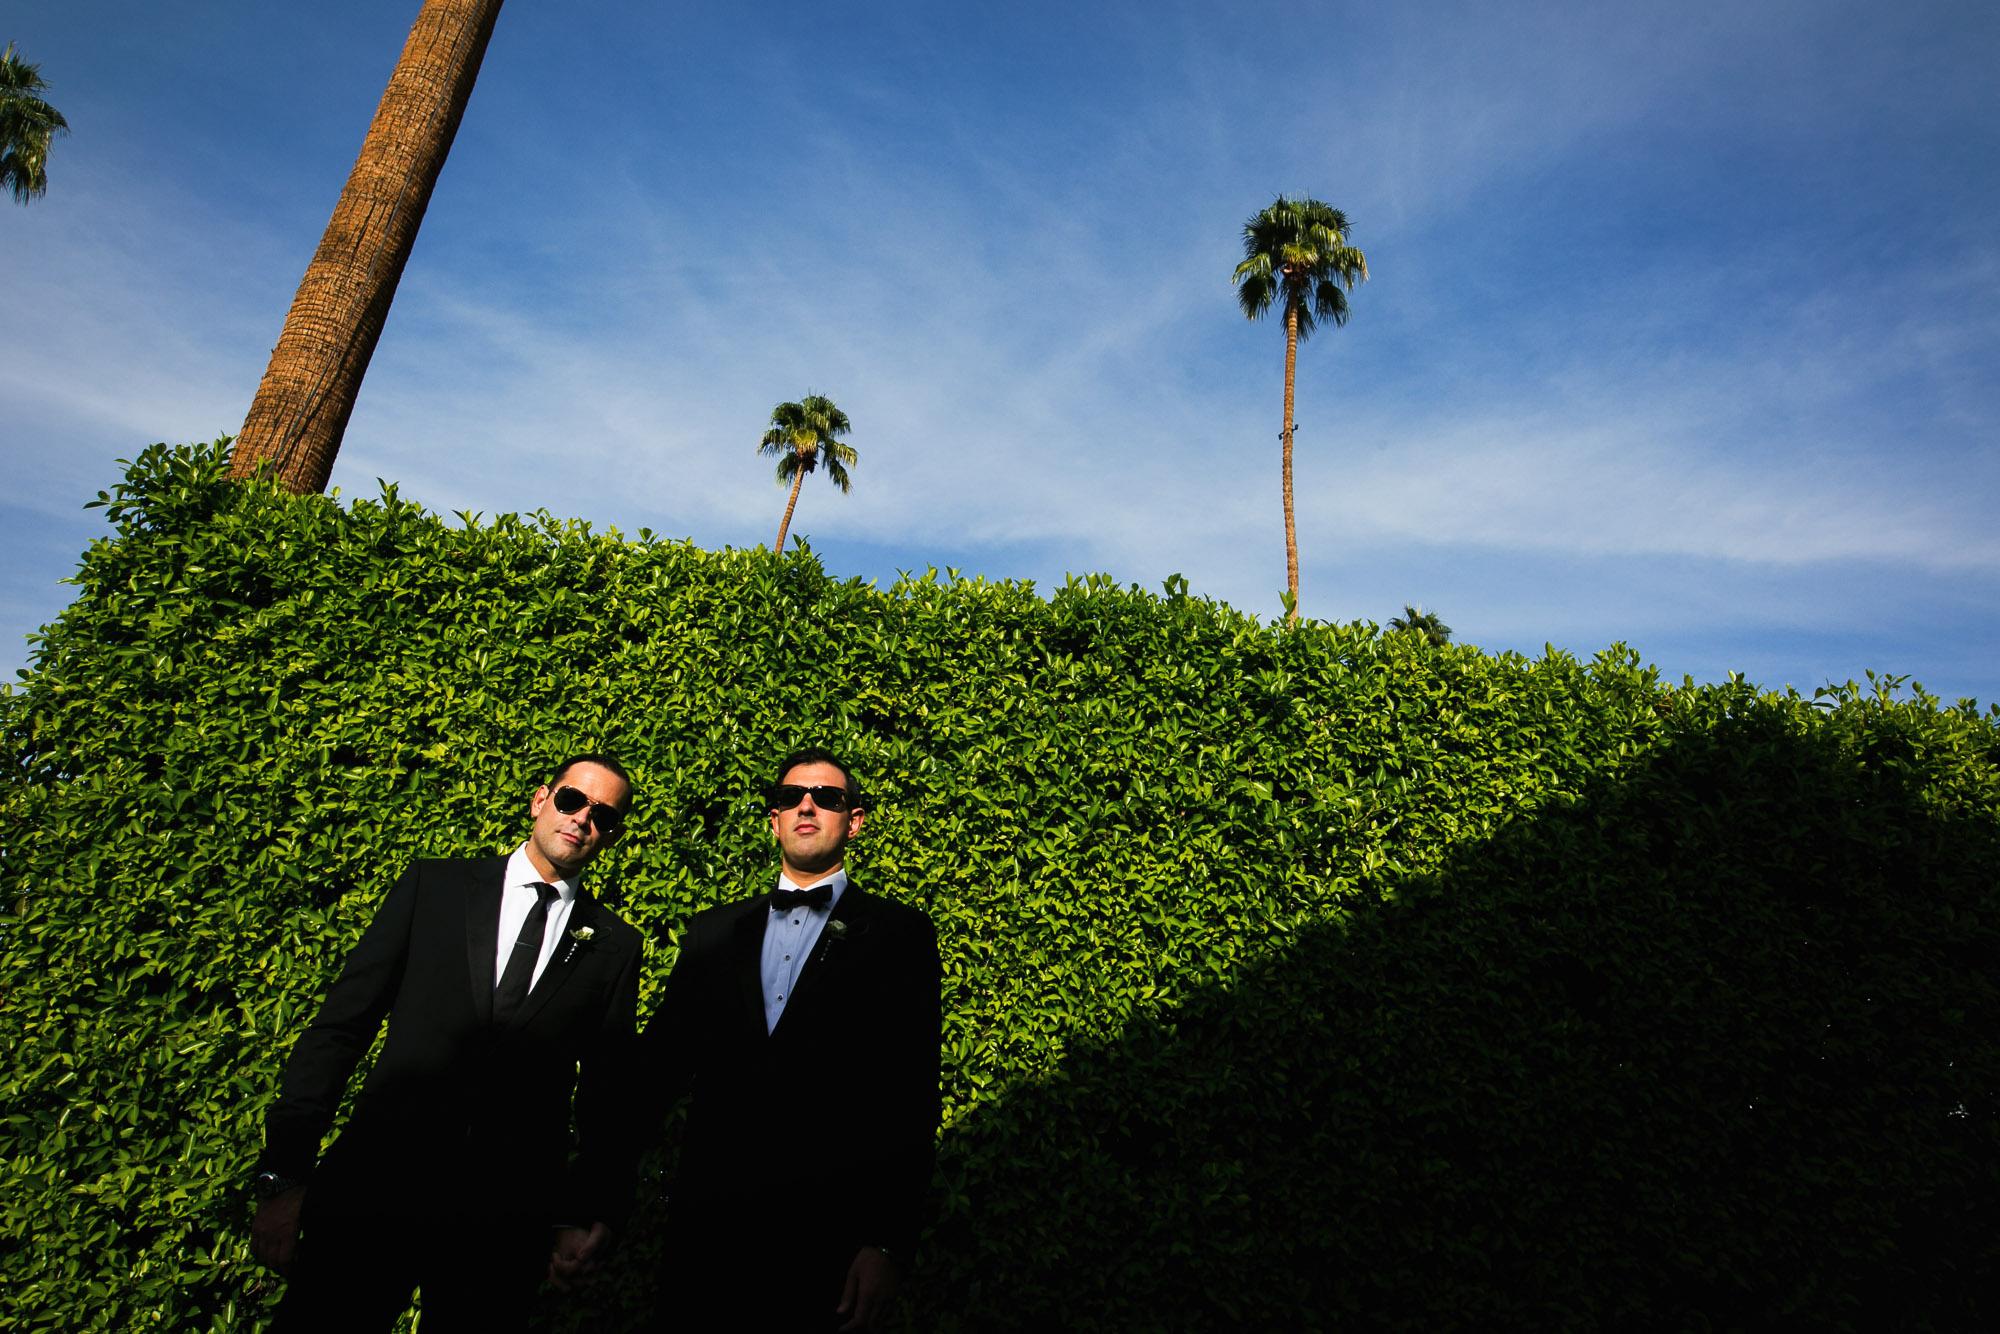 539-151025-Shane-Josh-Wedding-4357-Edit